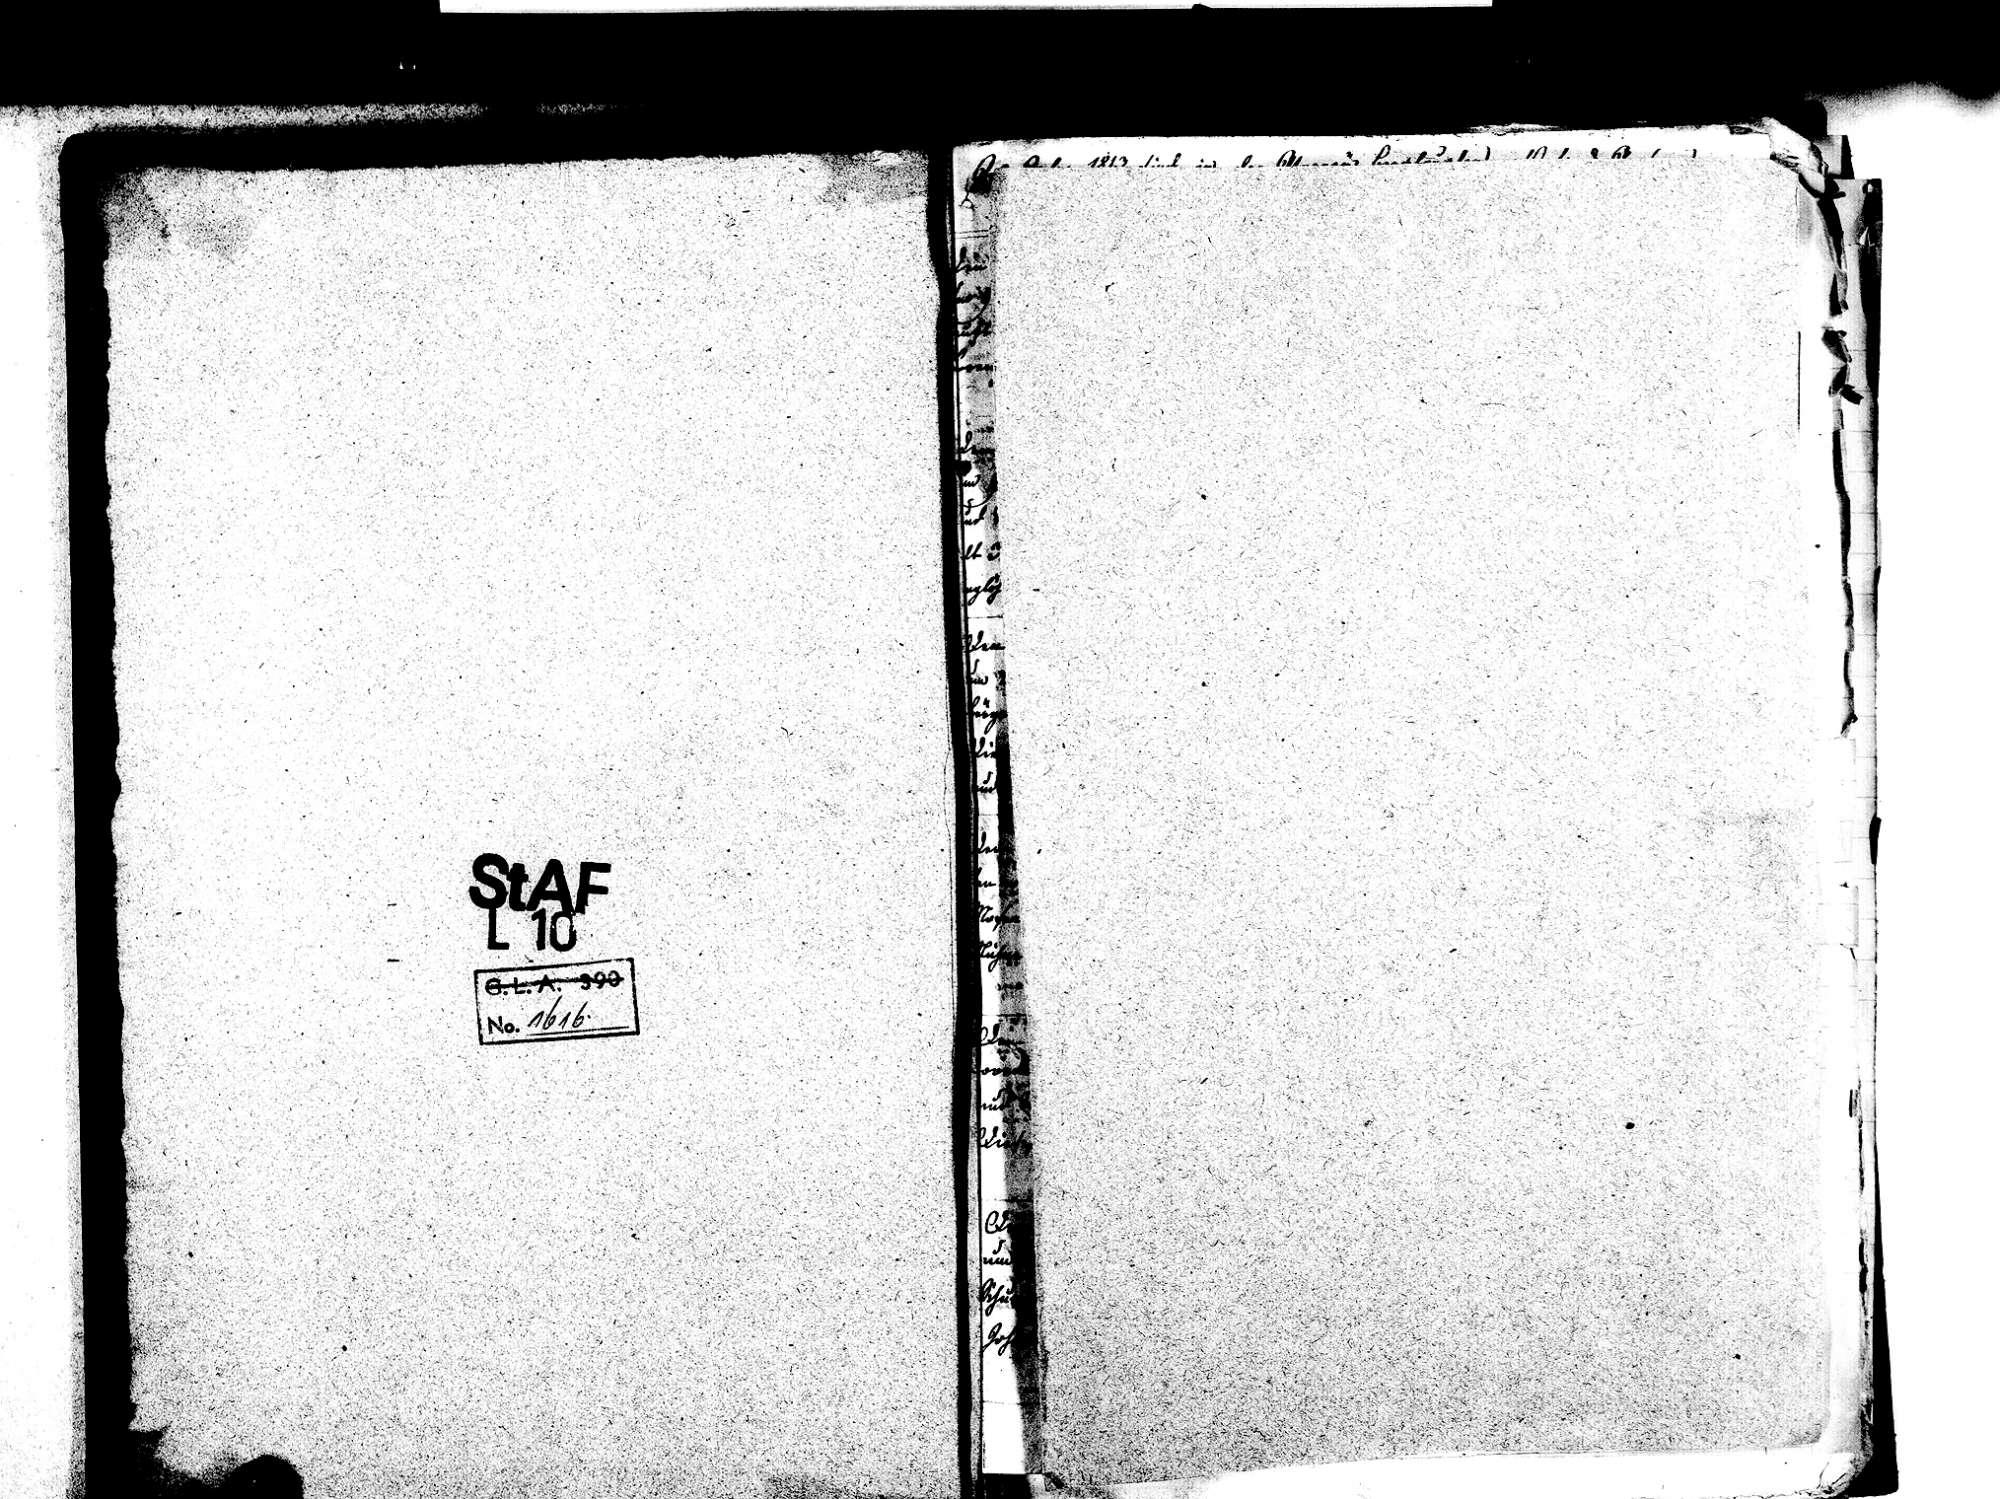 Berghaupten OG; Katholische Gemeinde: Sterbebuch 1813-1839 Enthält: Einzelne Evangelische Einträge, Bild 3